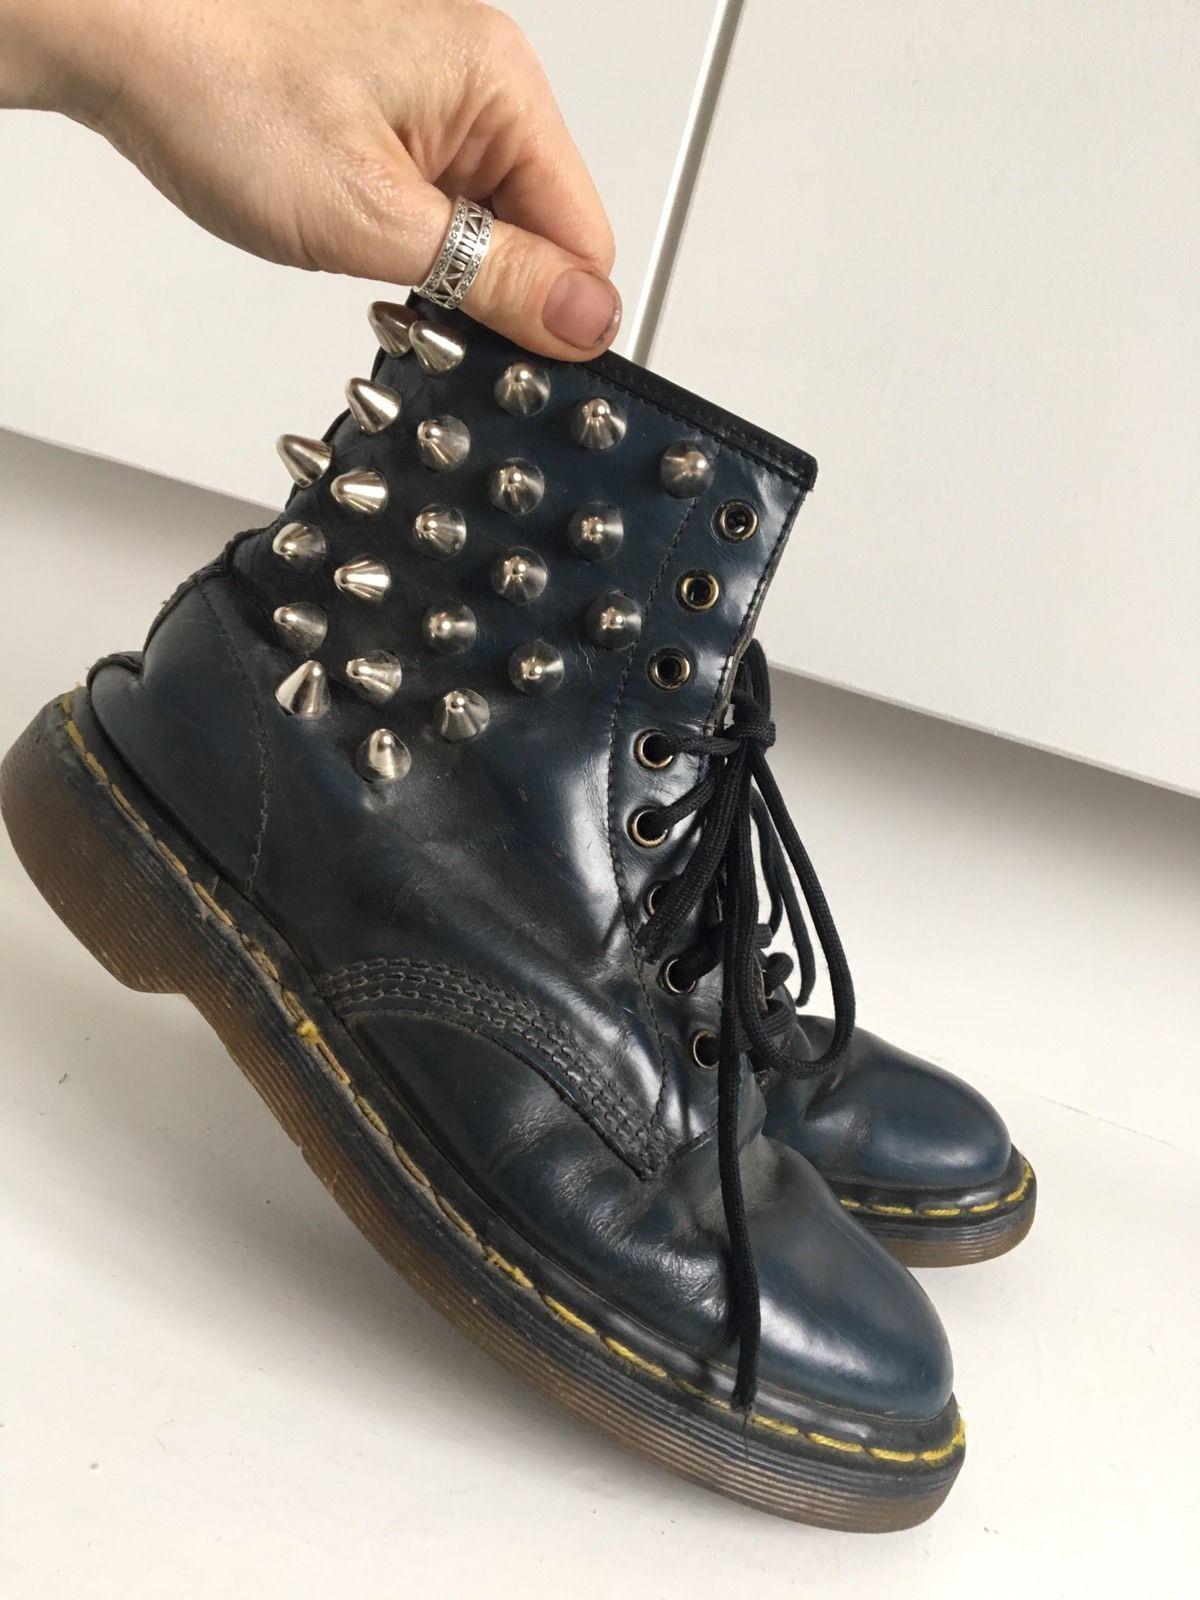 Schuhe 39 ebay